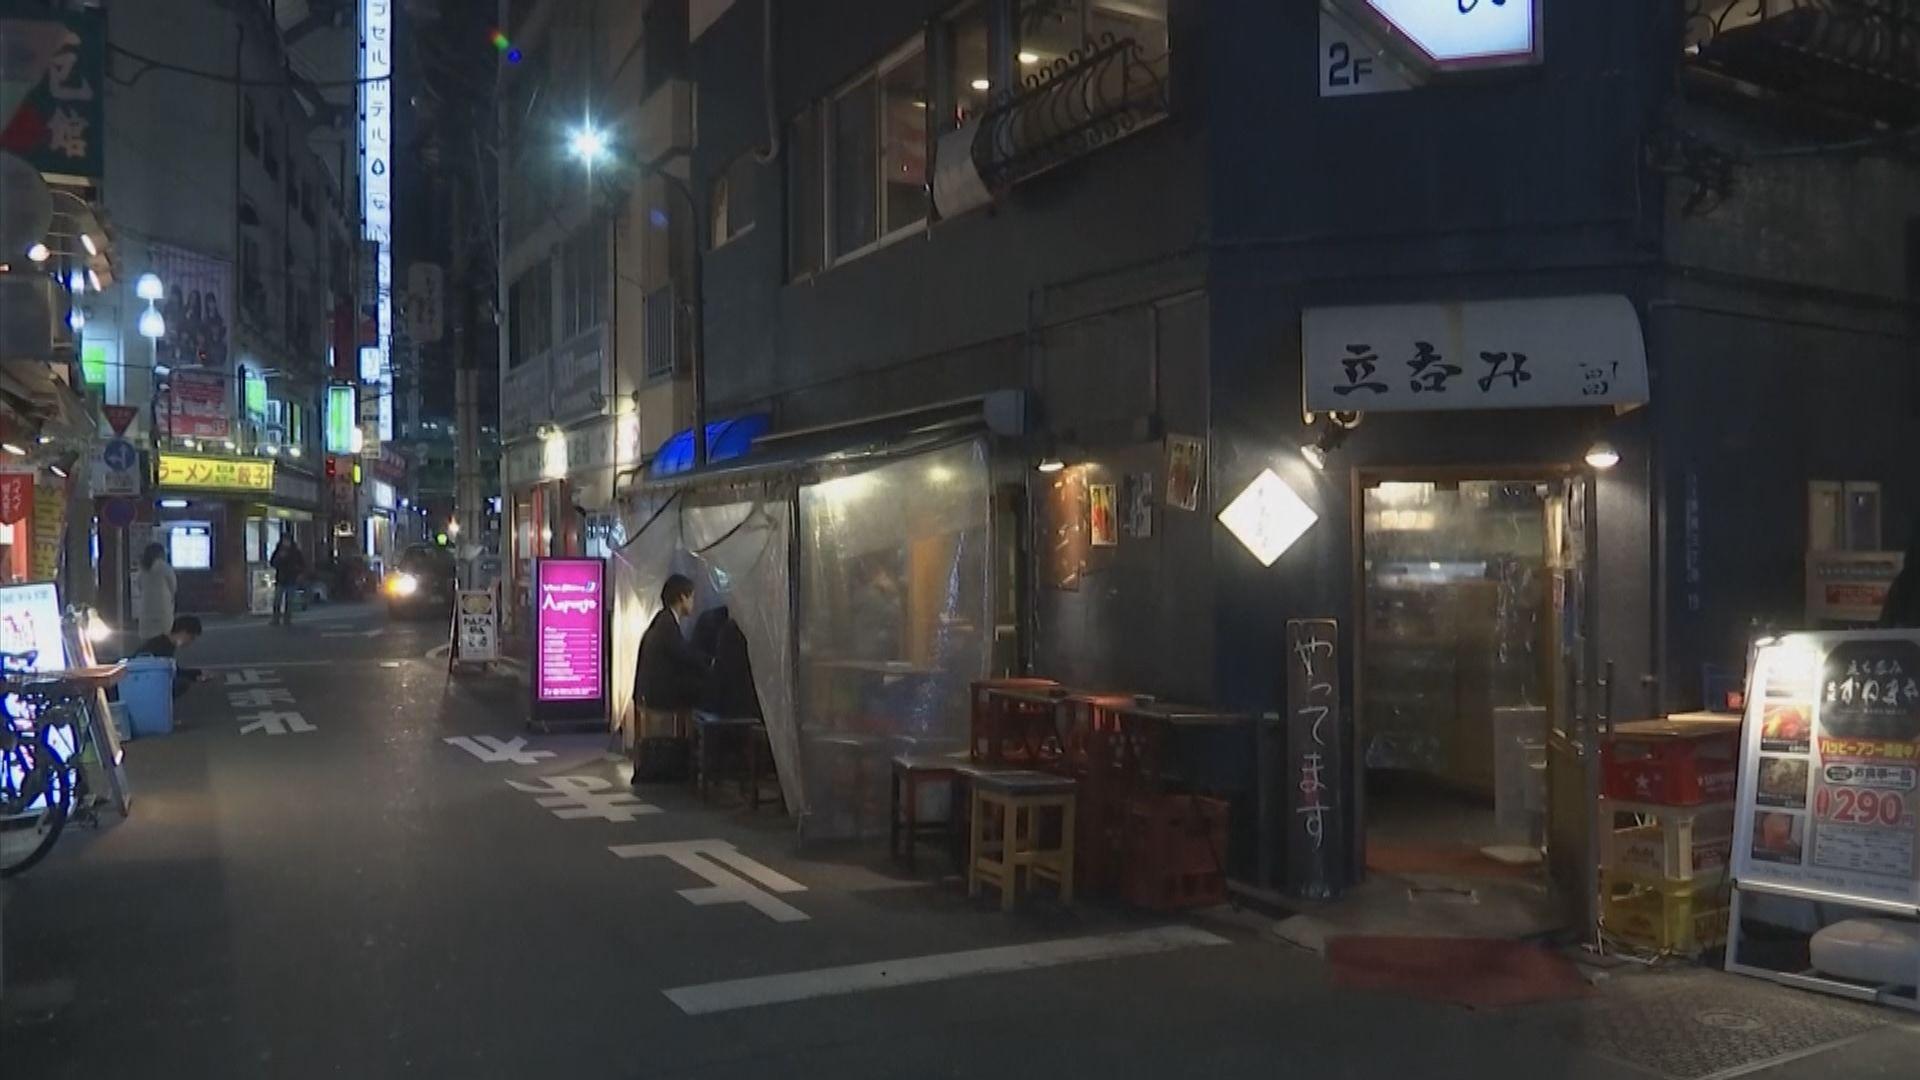 東京都娛樂場所、大學等關閉 食肆營業至晚上八時